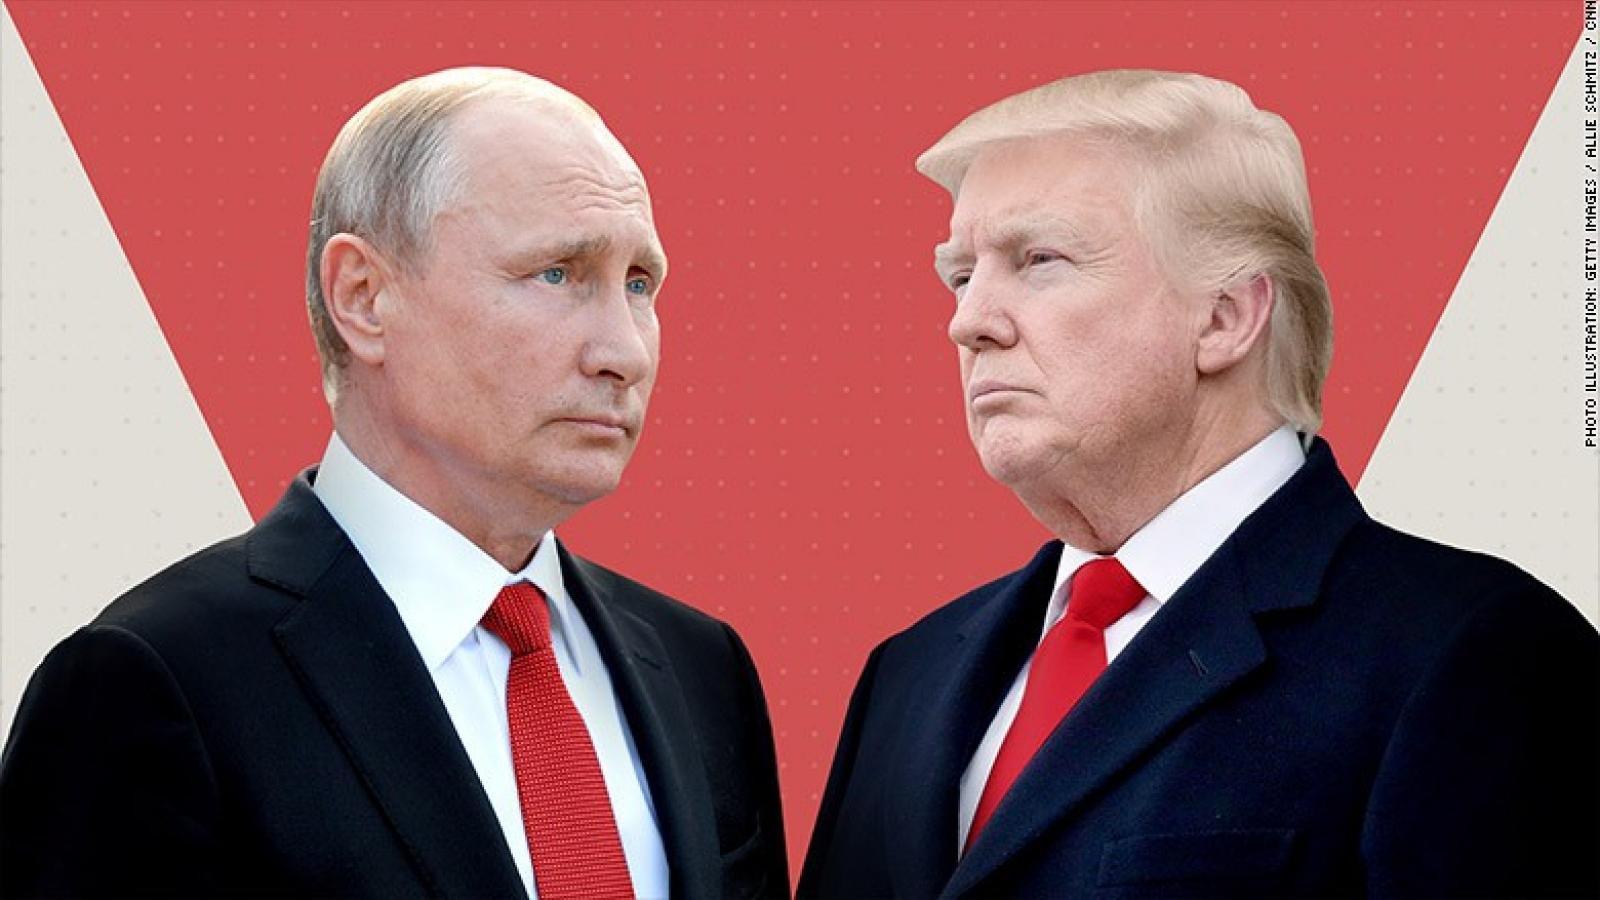 Nhờ ngoại giao Covid-19, Nga và Mỹ xây dựng lại quan hệ nước lớn?